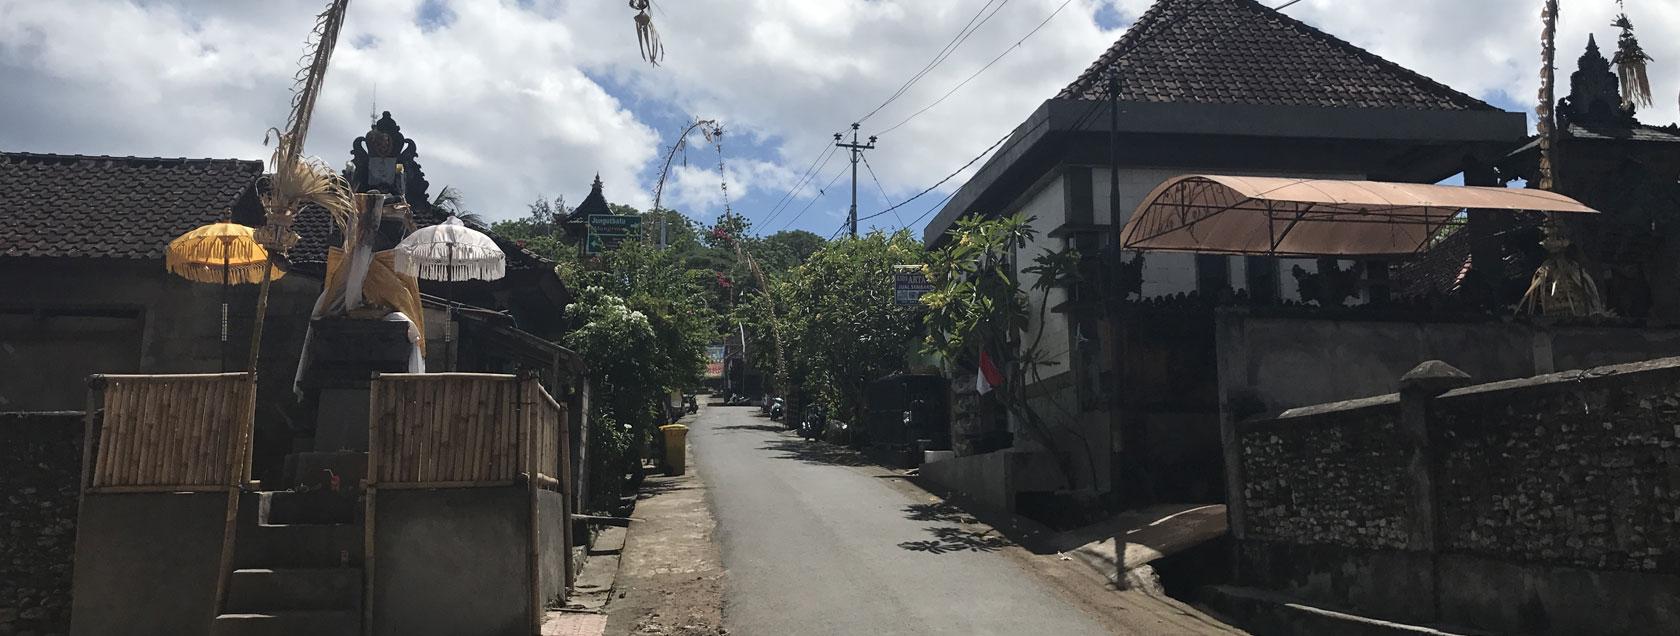 Lembongan Village - Lembongan Sightseeing